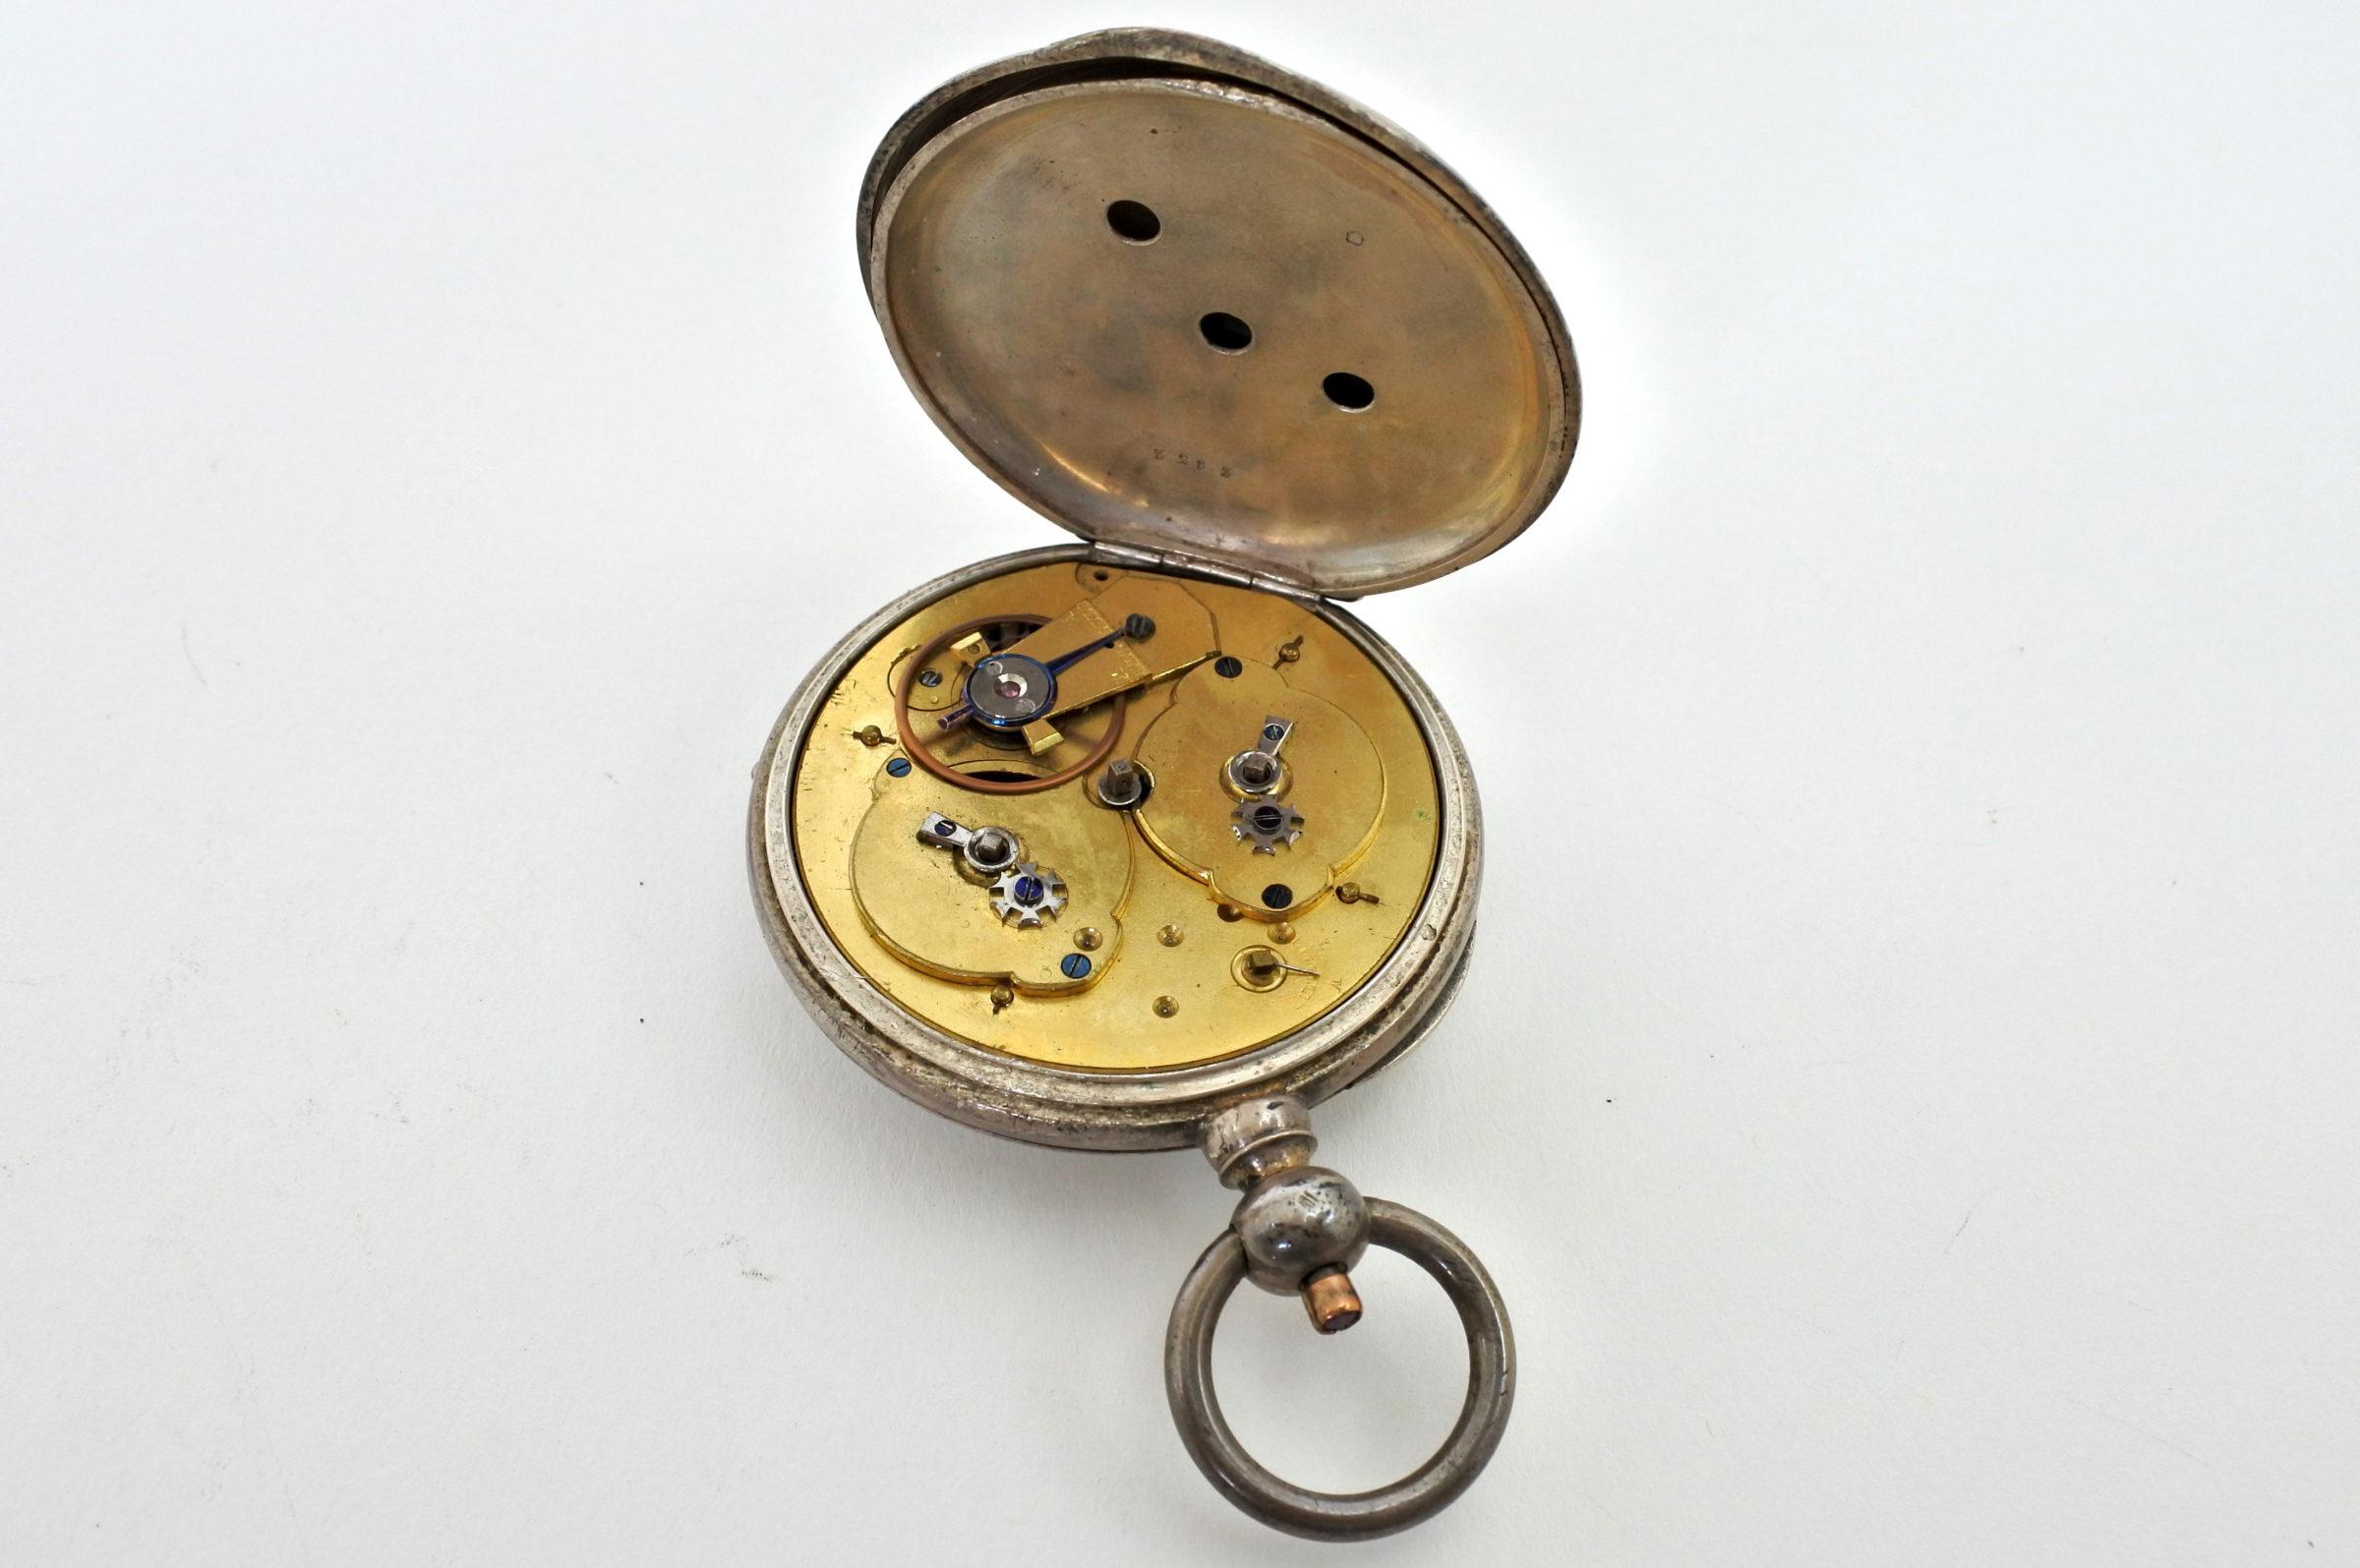 Orologio da tasca in argento con carica a chiavetta. Diametro cassa 55 mm - 3